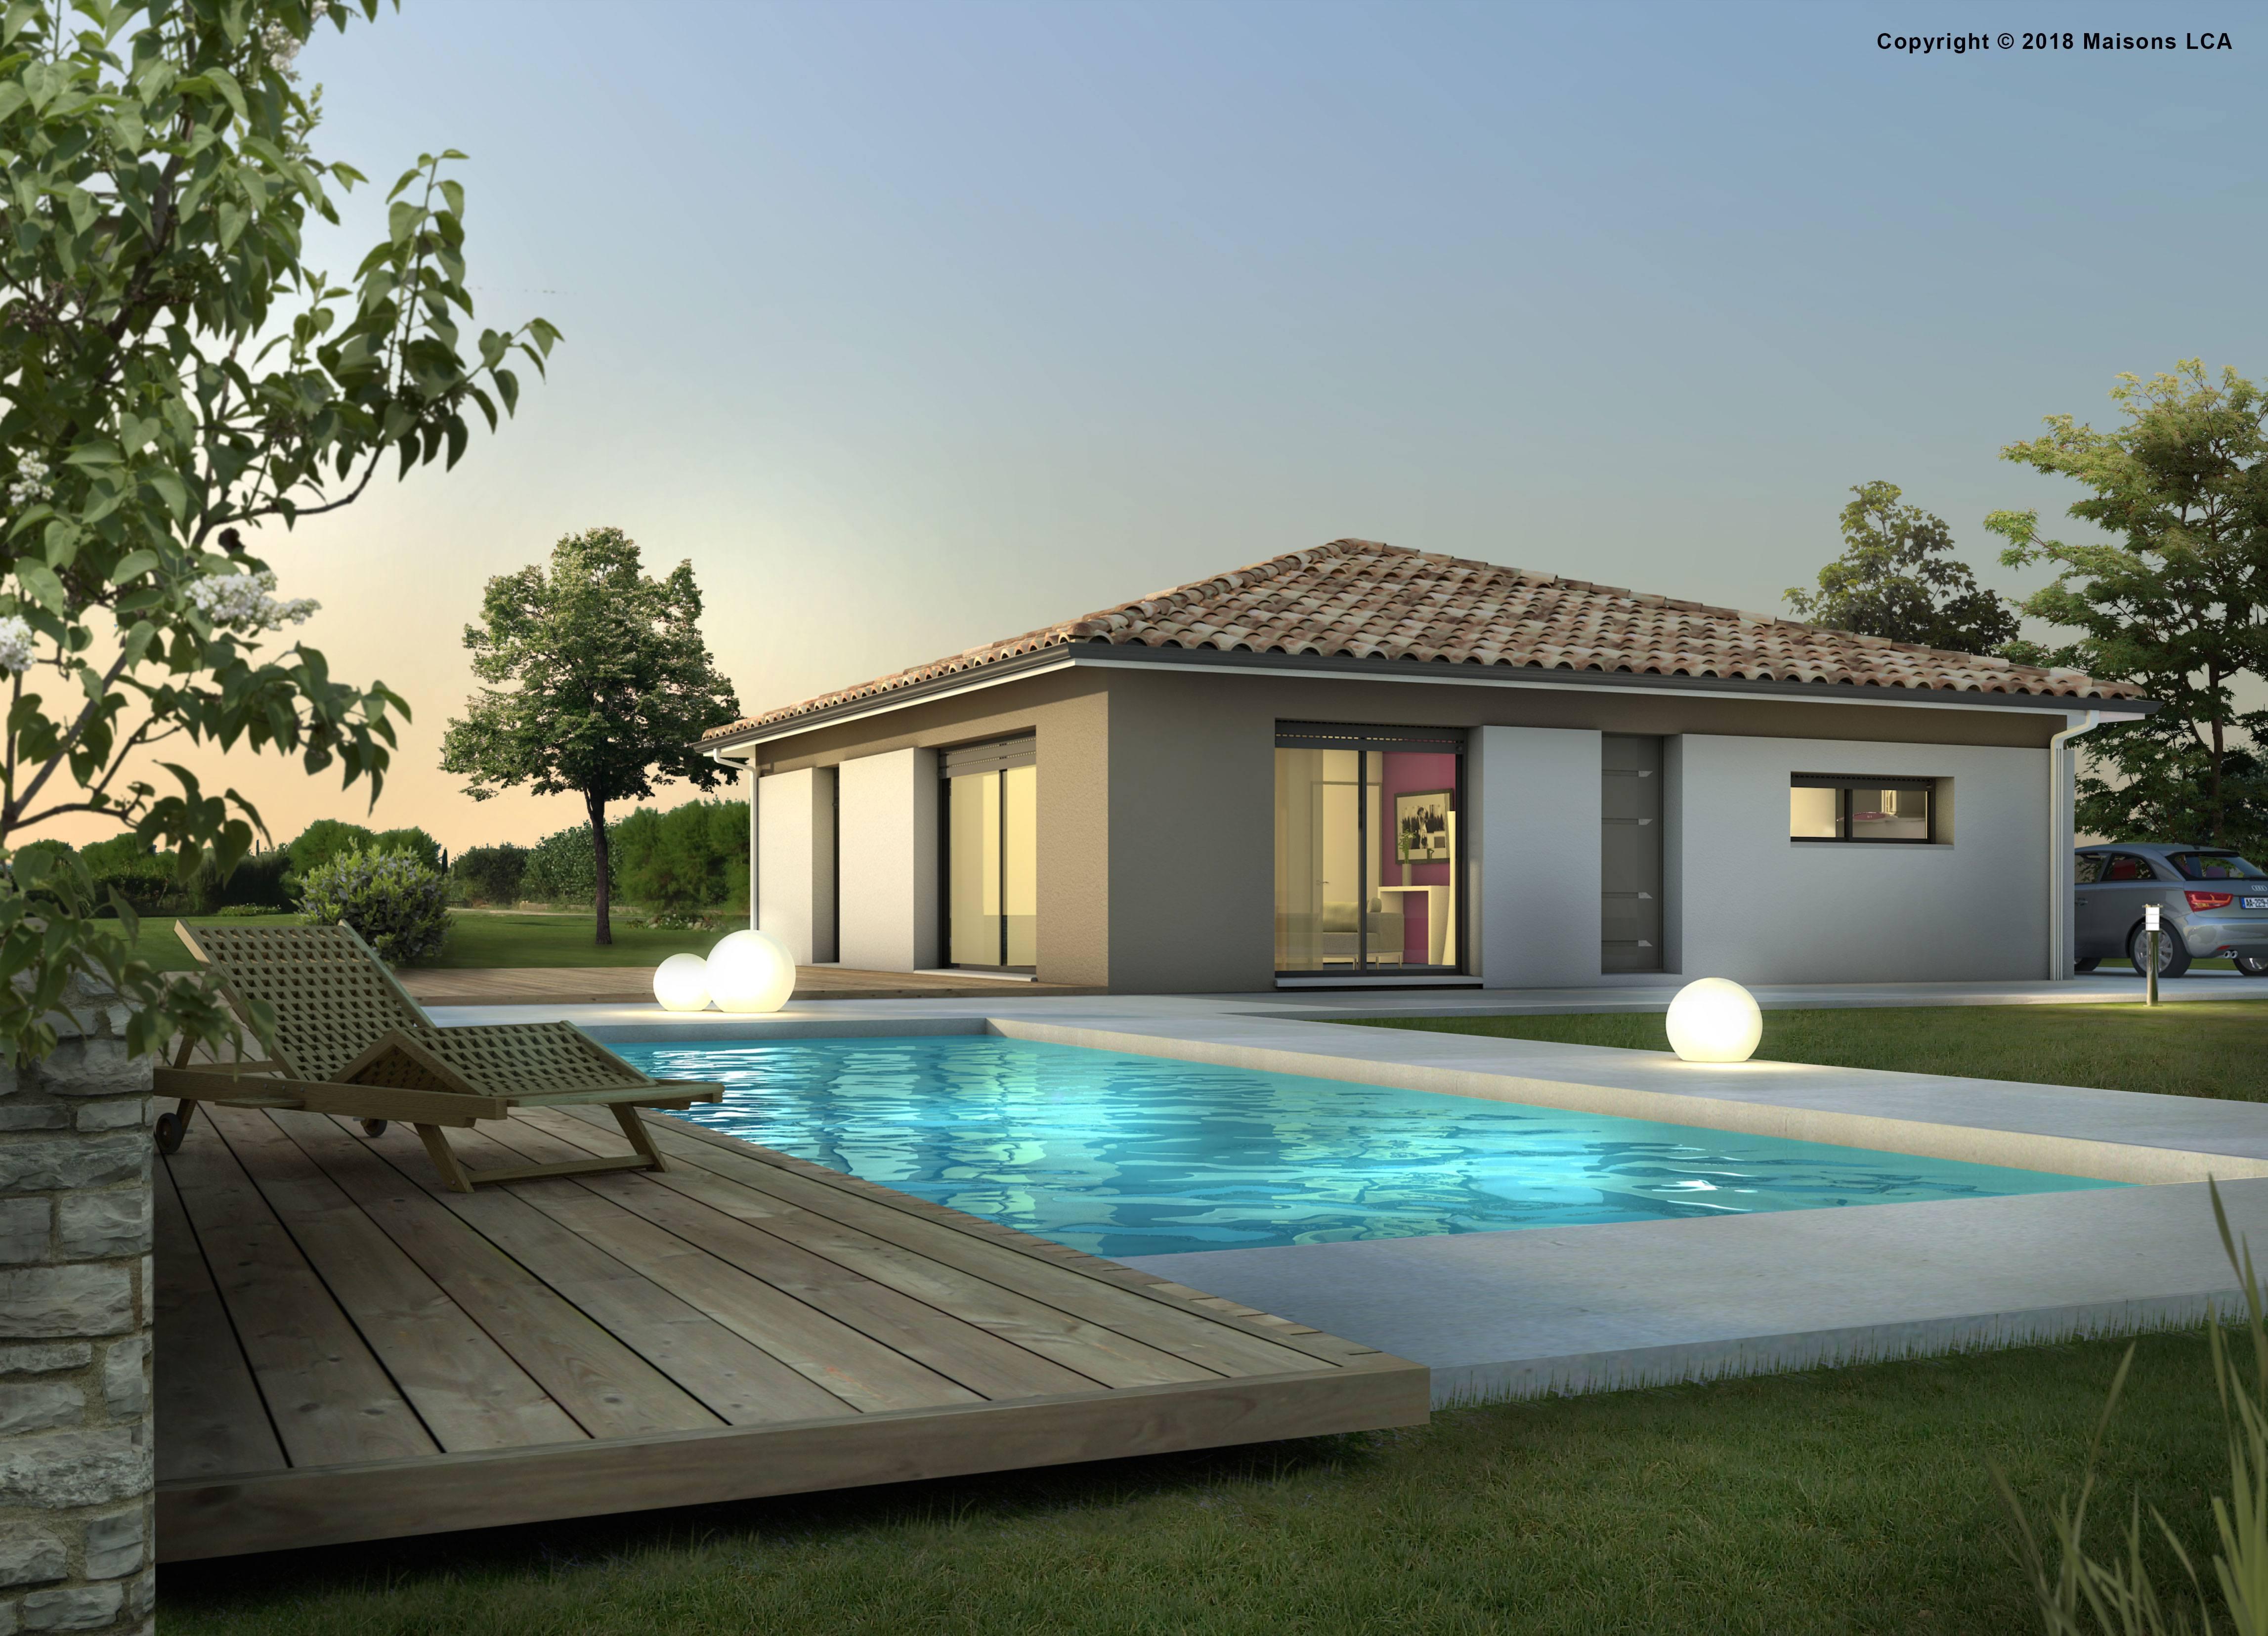 Maisons + Terrains du constructeur LCA LANGON • 90 m² • COCUMONT